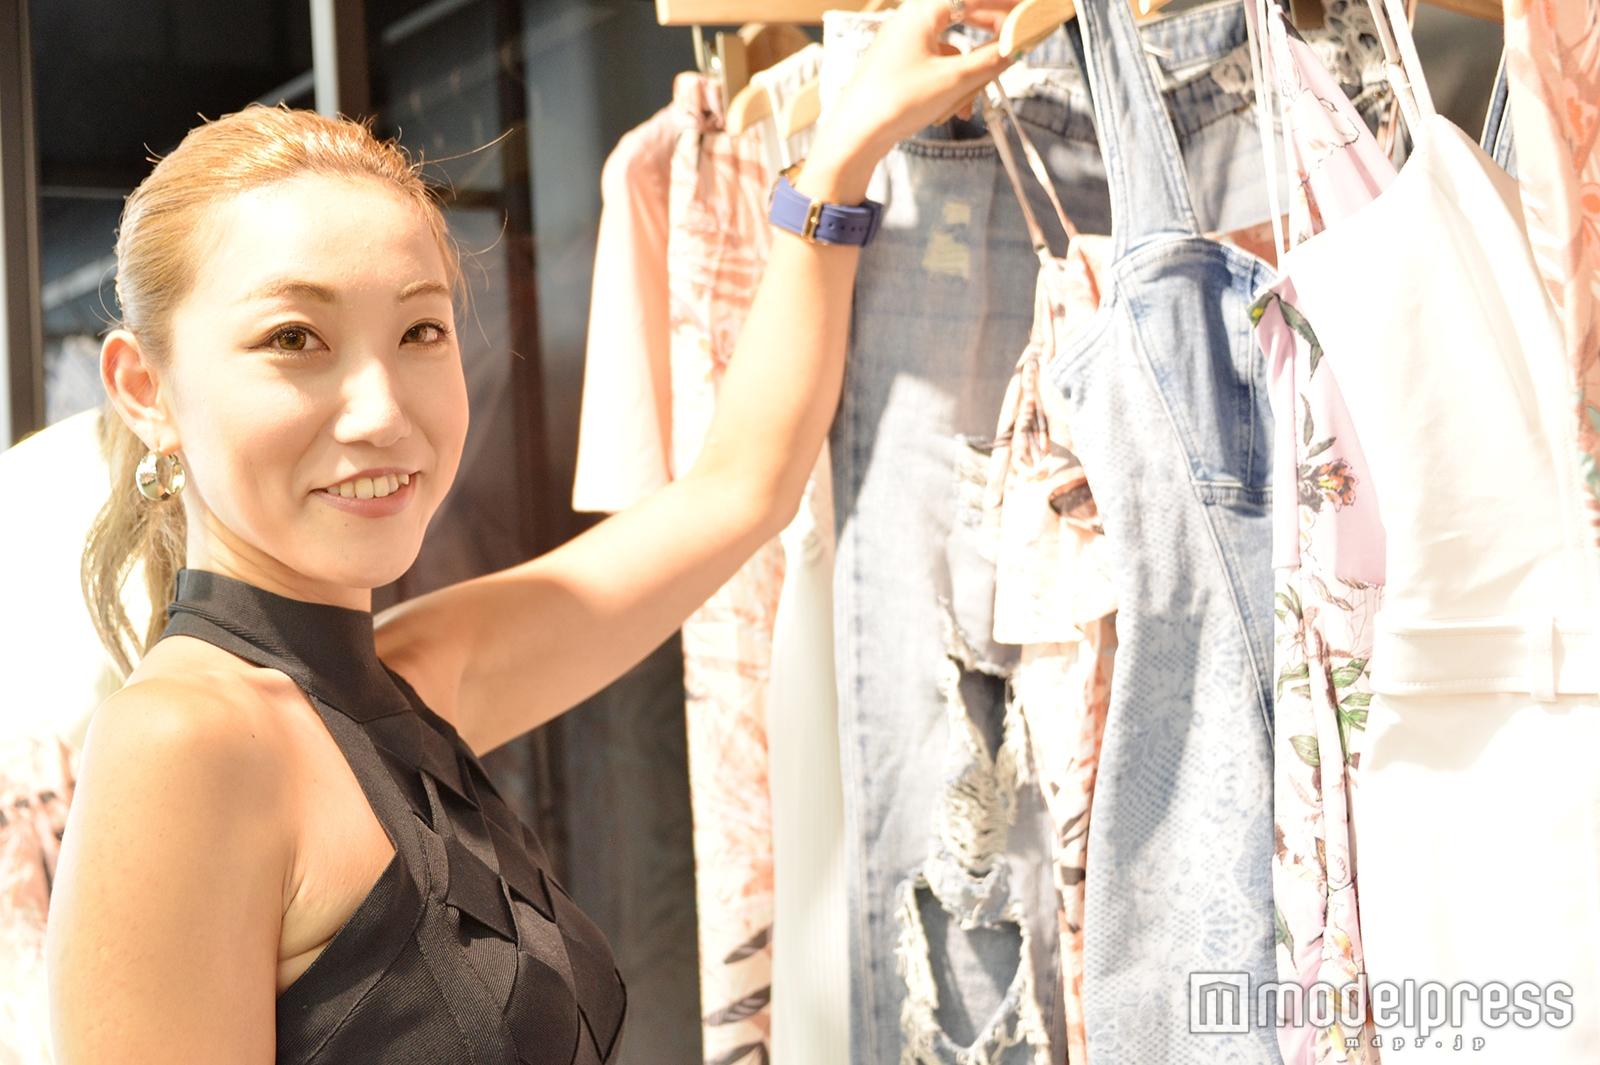 モデルプレスのインタビューに応じた小林英恵さん(C)モデルプレス